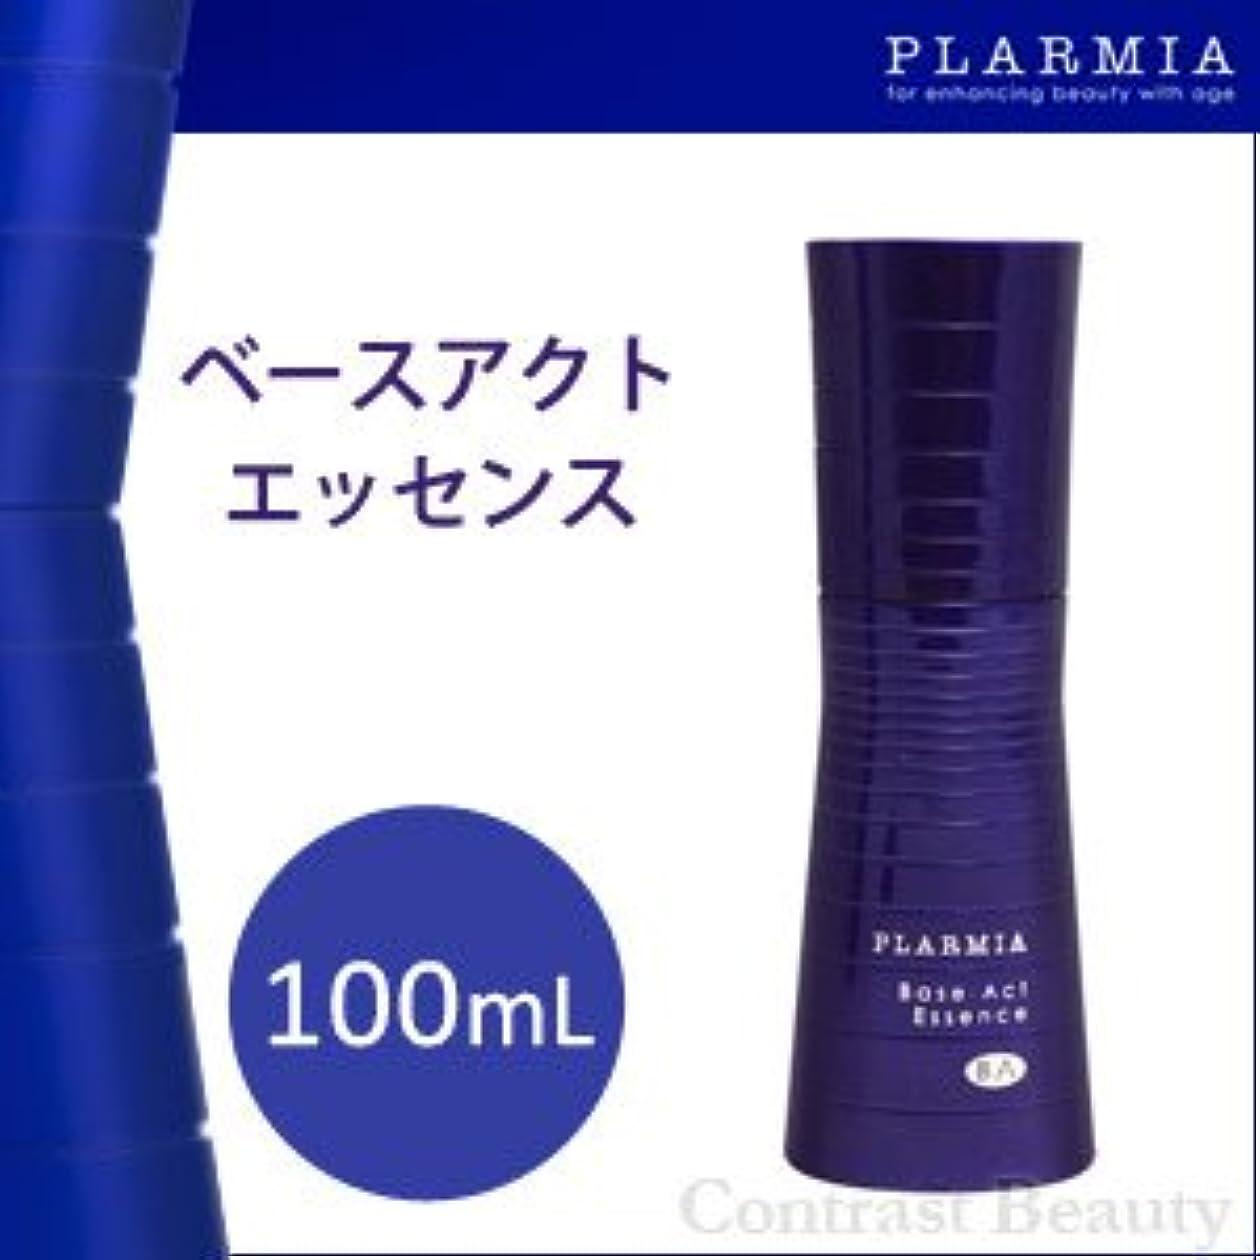 添加剤常識スリーブ【X3個セット】 ミルボン プラーミア ベースアクトエッセンス 100ml 医薬部外品